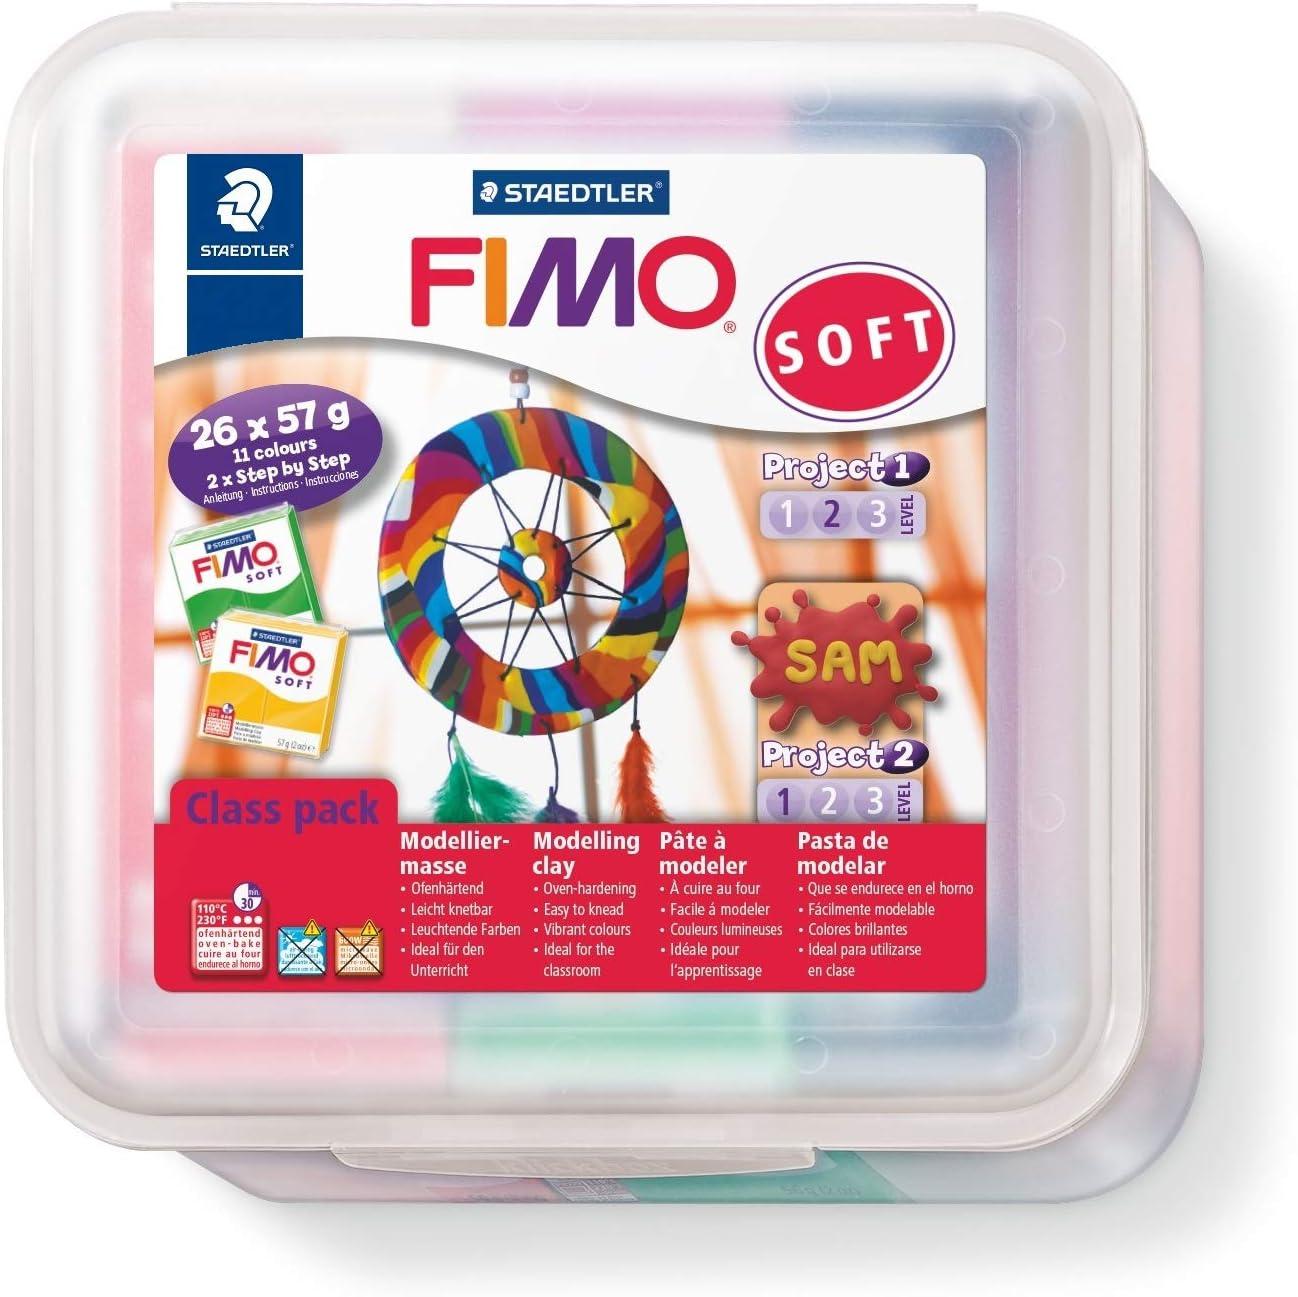 Staedtler Fimo Soft Pack De 26 Pains De Pate A Modeler Fimo A Cuire Au Four Pour Tout Type De Realisations 8023 50 Lx Amazon Fr Fournitures De Bureau